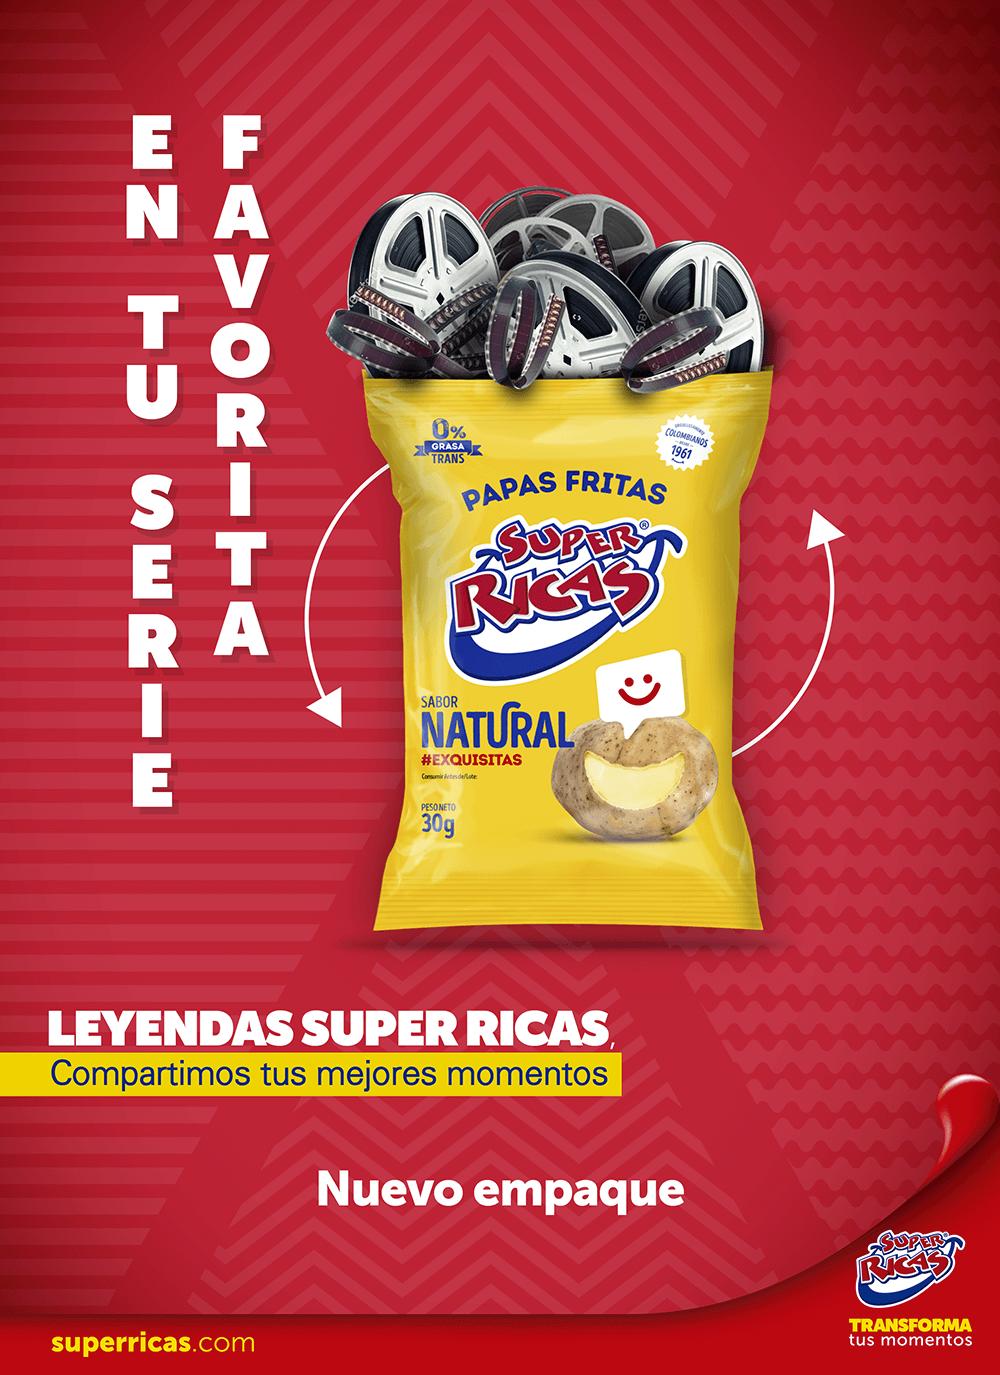 CAMPAÑA_LEYENDAS_SUPER_RICAS-03